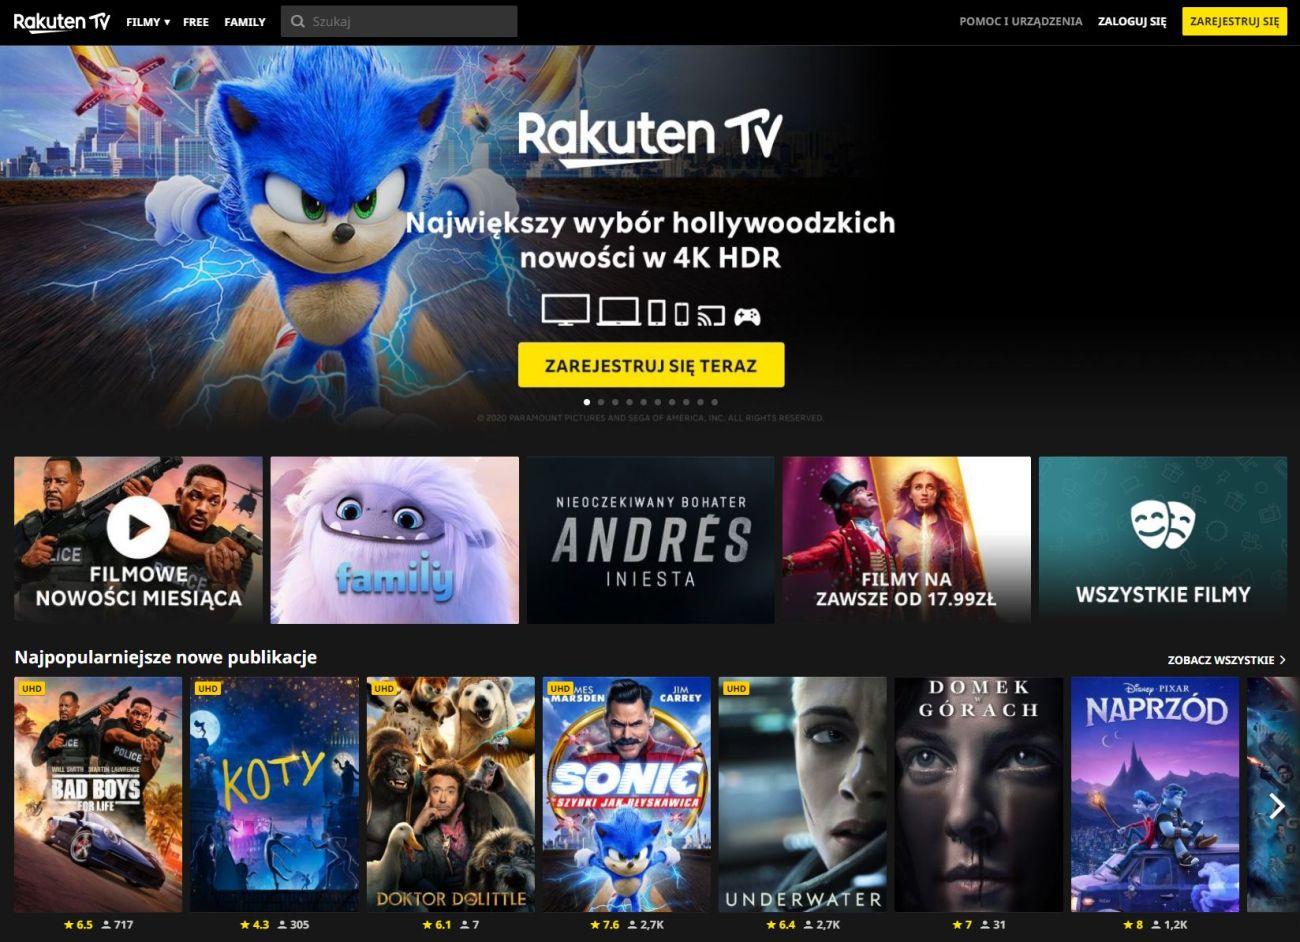 Rakuten TV www